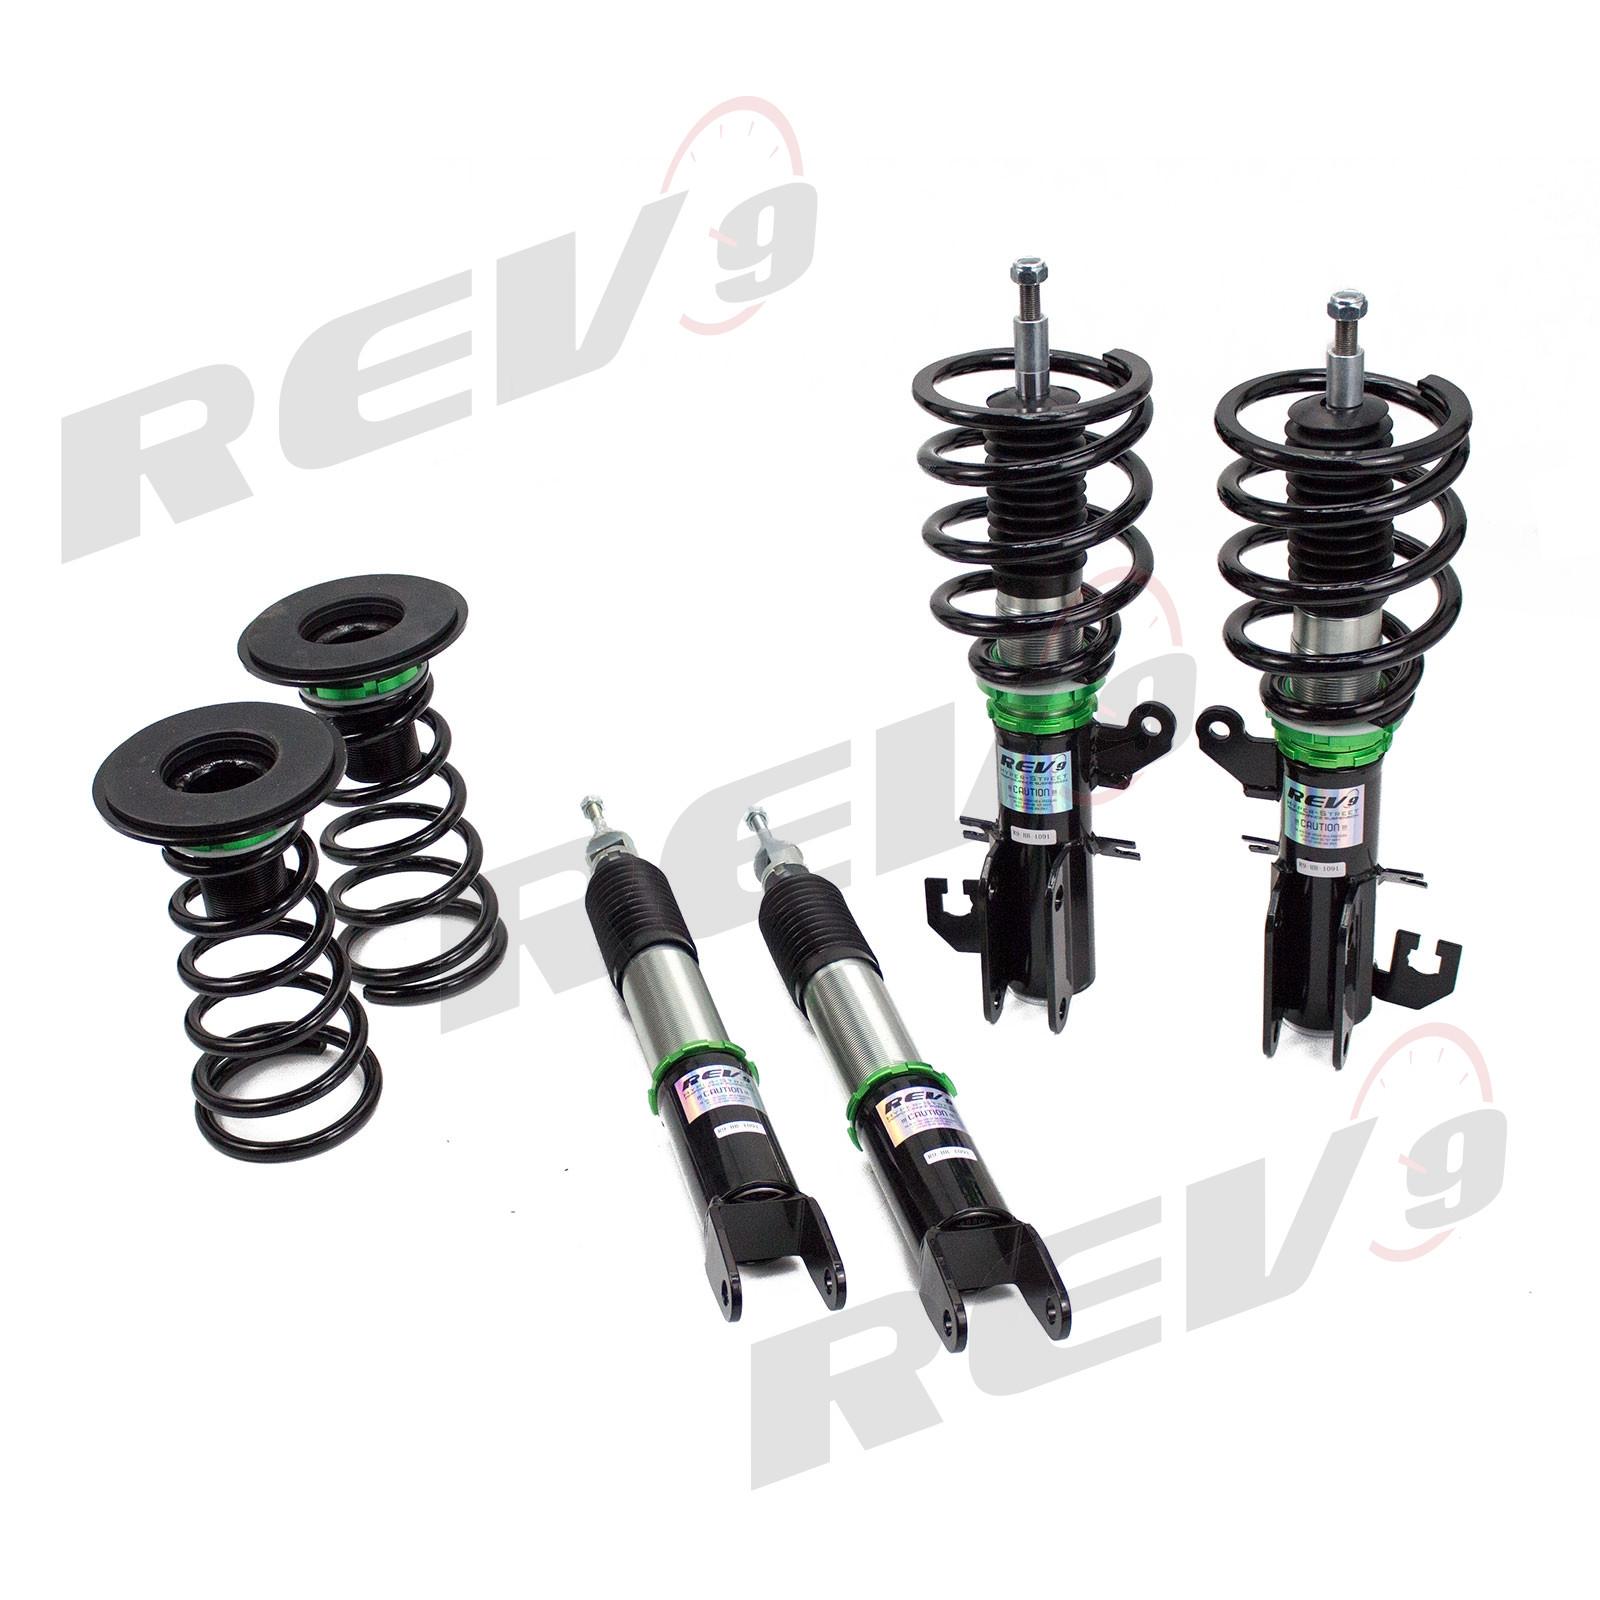 Rev9power Hyper Street Basics Coilovers Set For Nissan Maxima 09 10 11 12 13 14